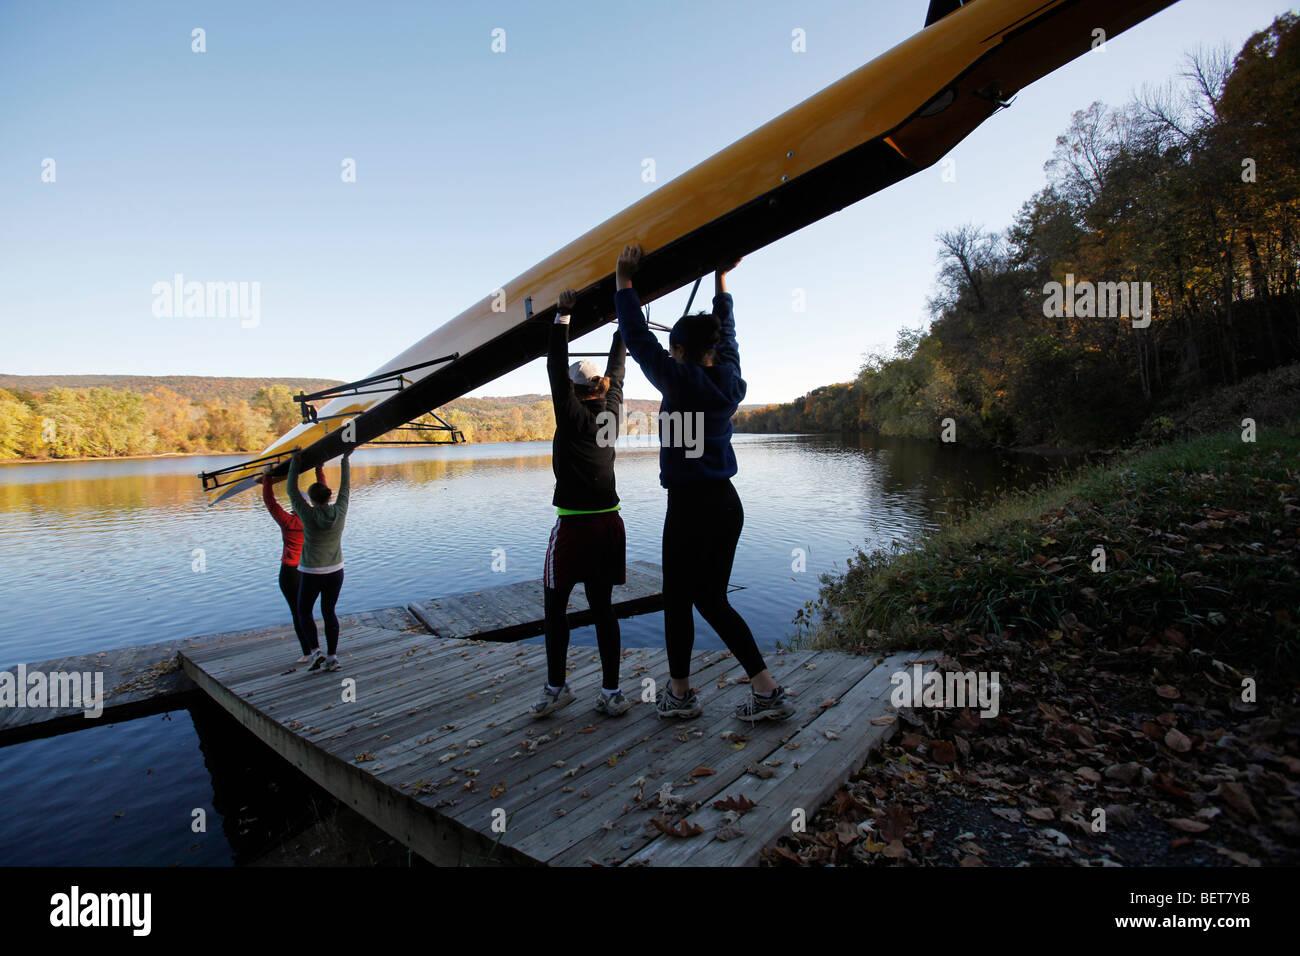 Les jeunes filles du secondaire privé américain de l'équipe d'aviron sur la rivière Photo Stock